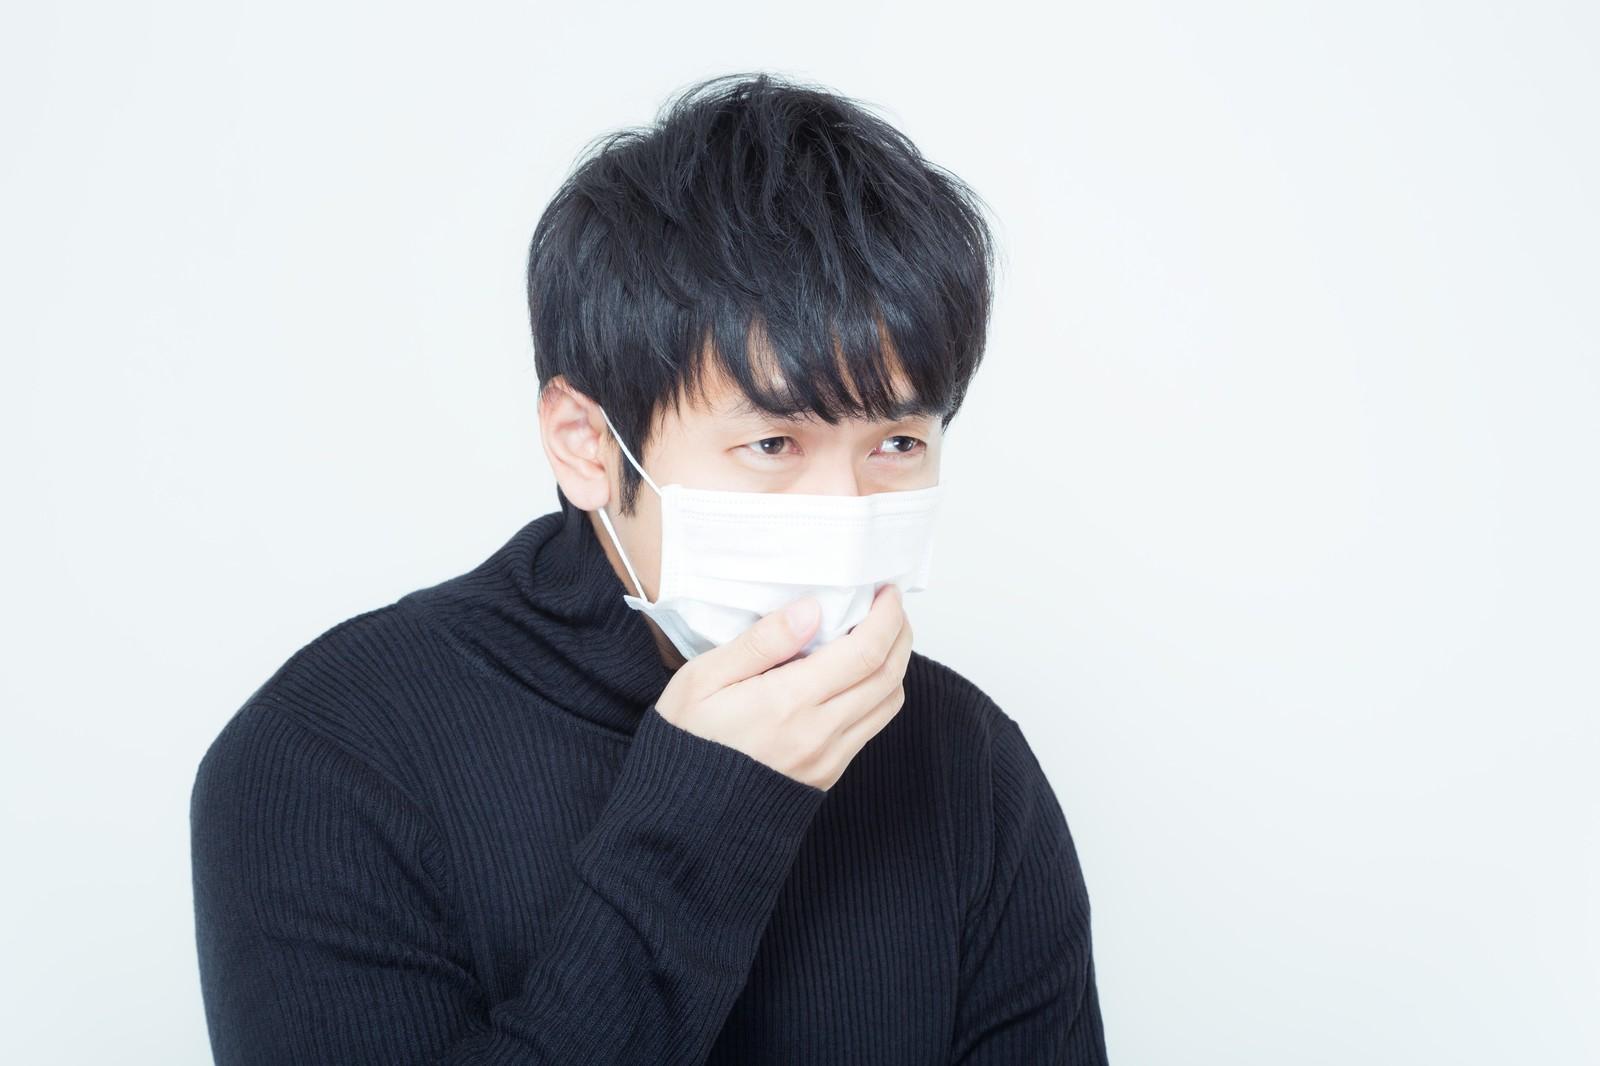 漢方薬で風邪を治す